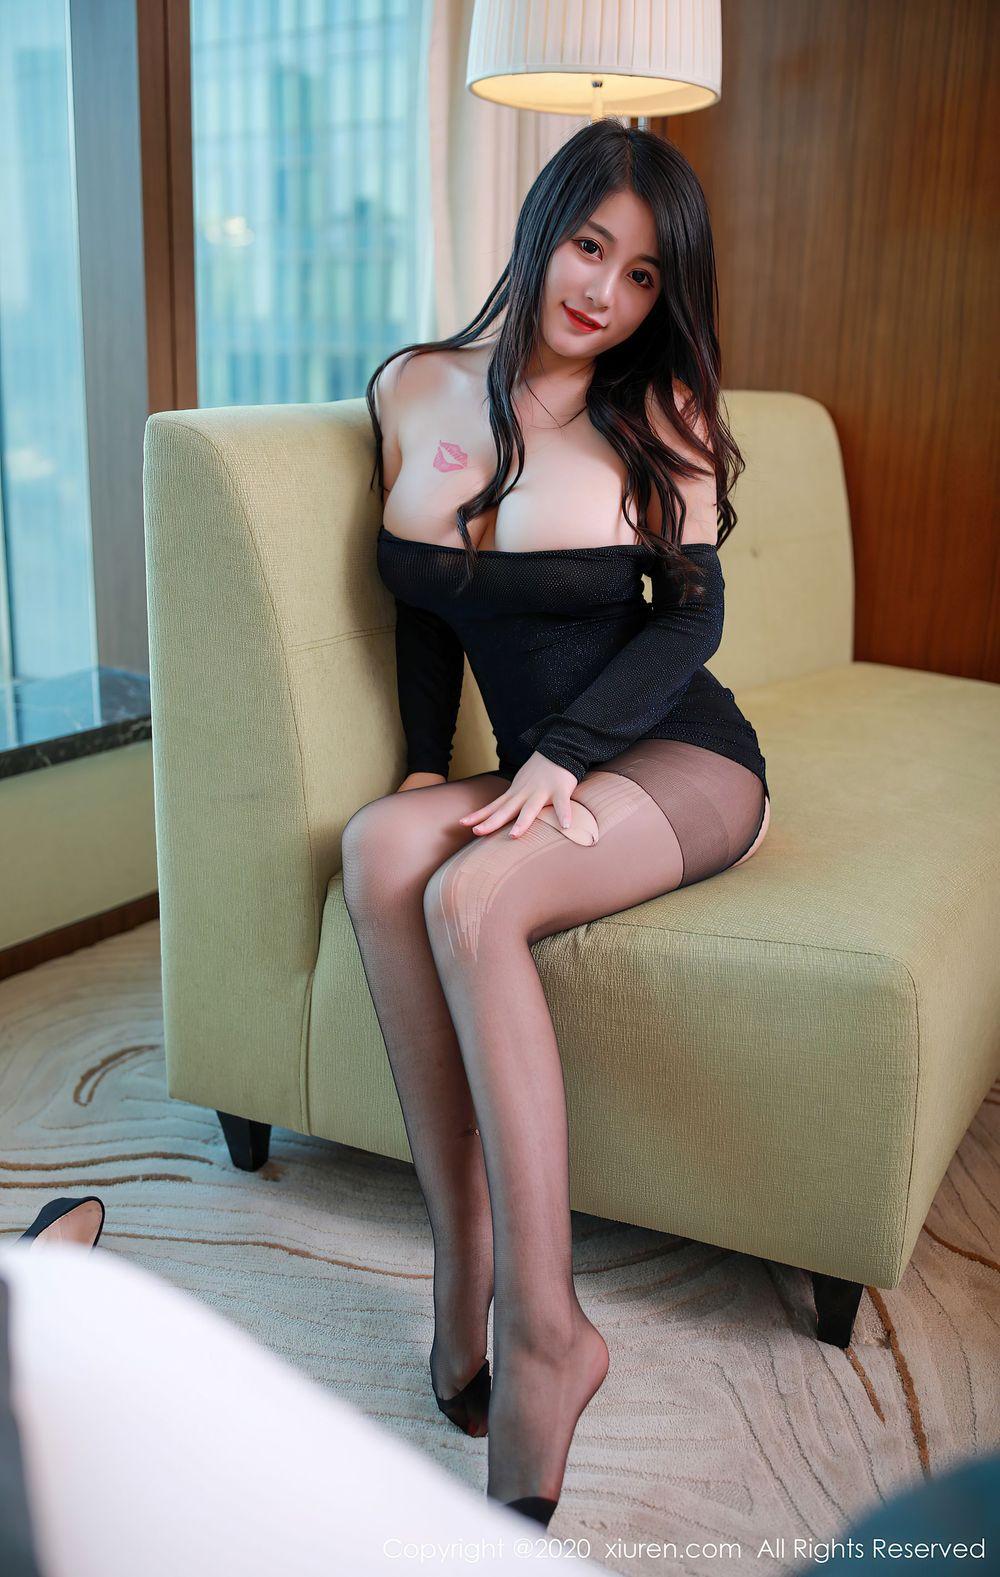 Vol.360 童颜巨乳血滴子黑丝美腿内衣诱惑美女模特秀人网-美七Mia完整私房照合集